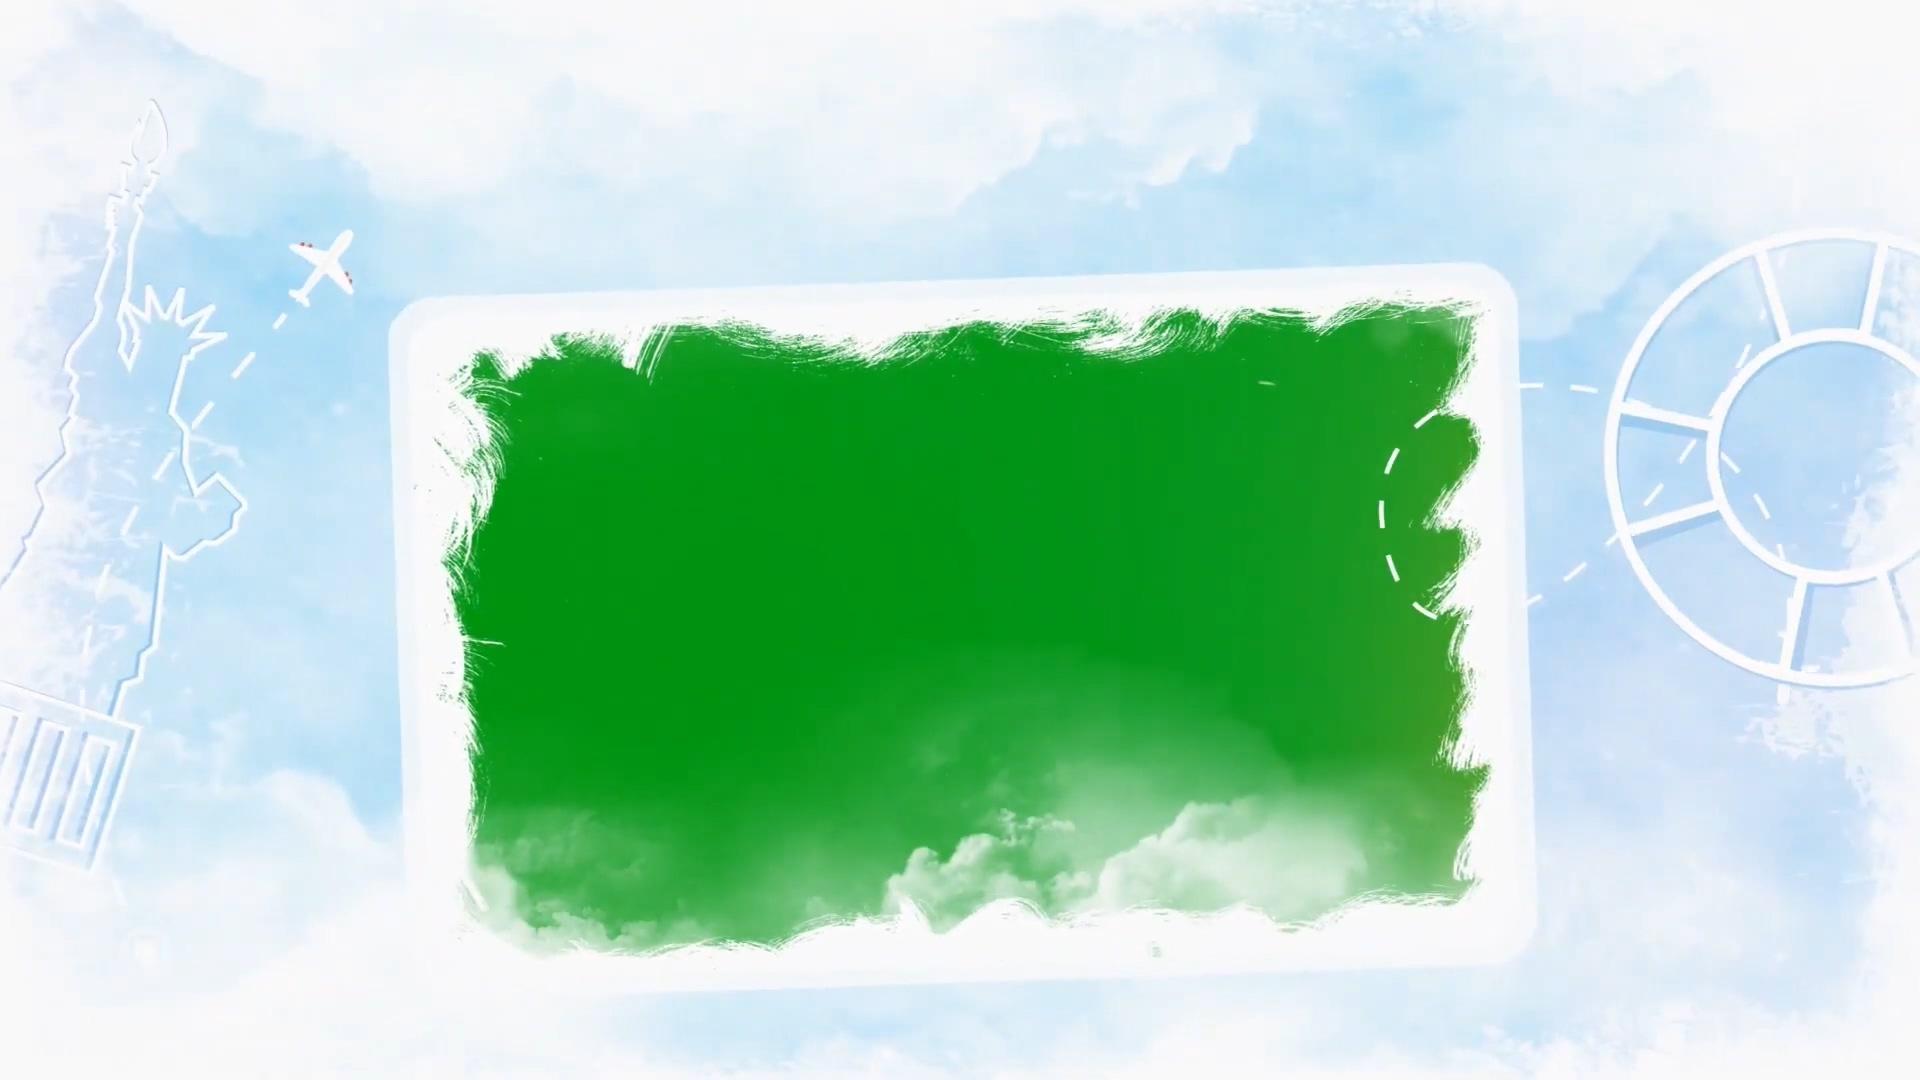 旅游旅行云层之上绿幕模板